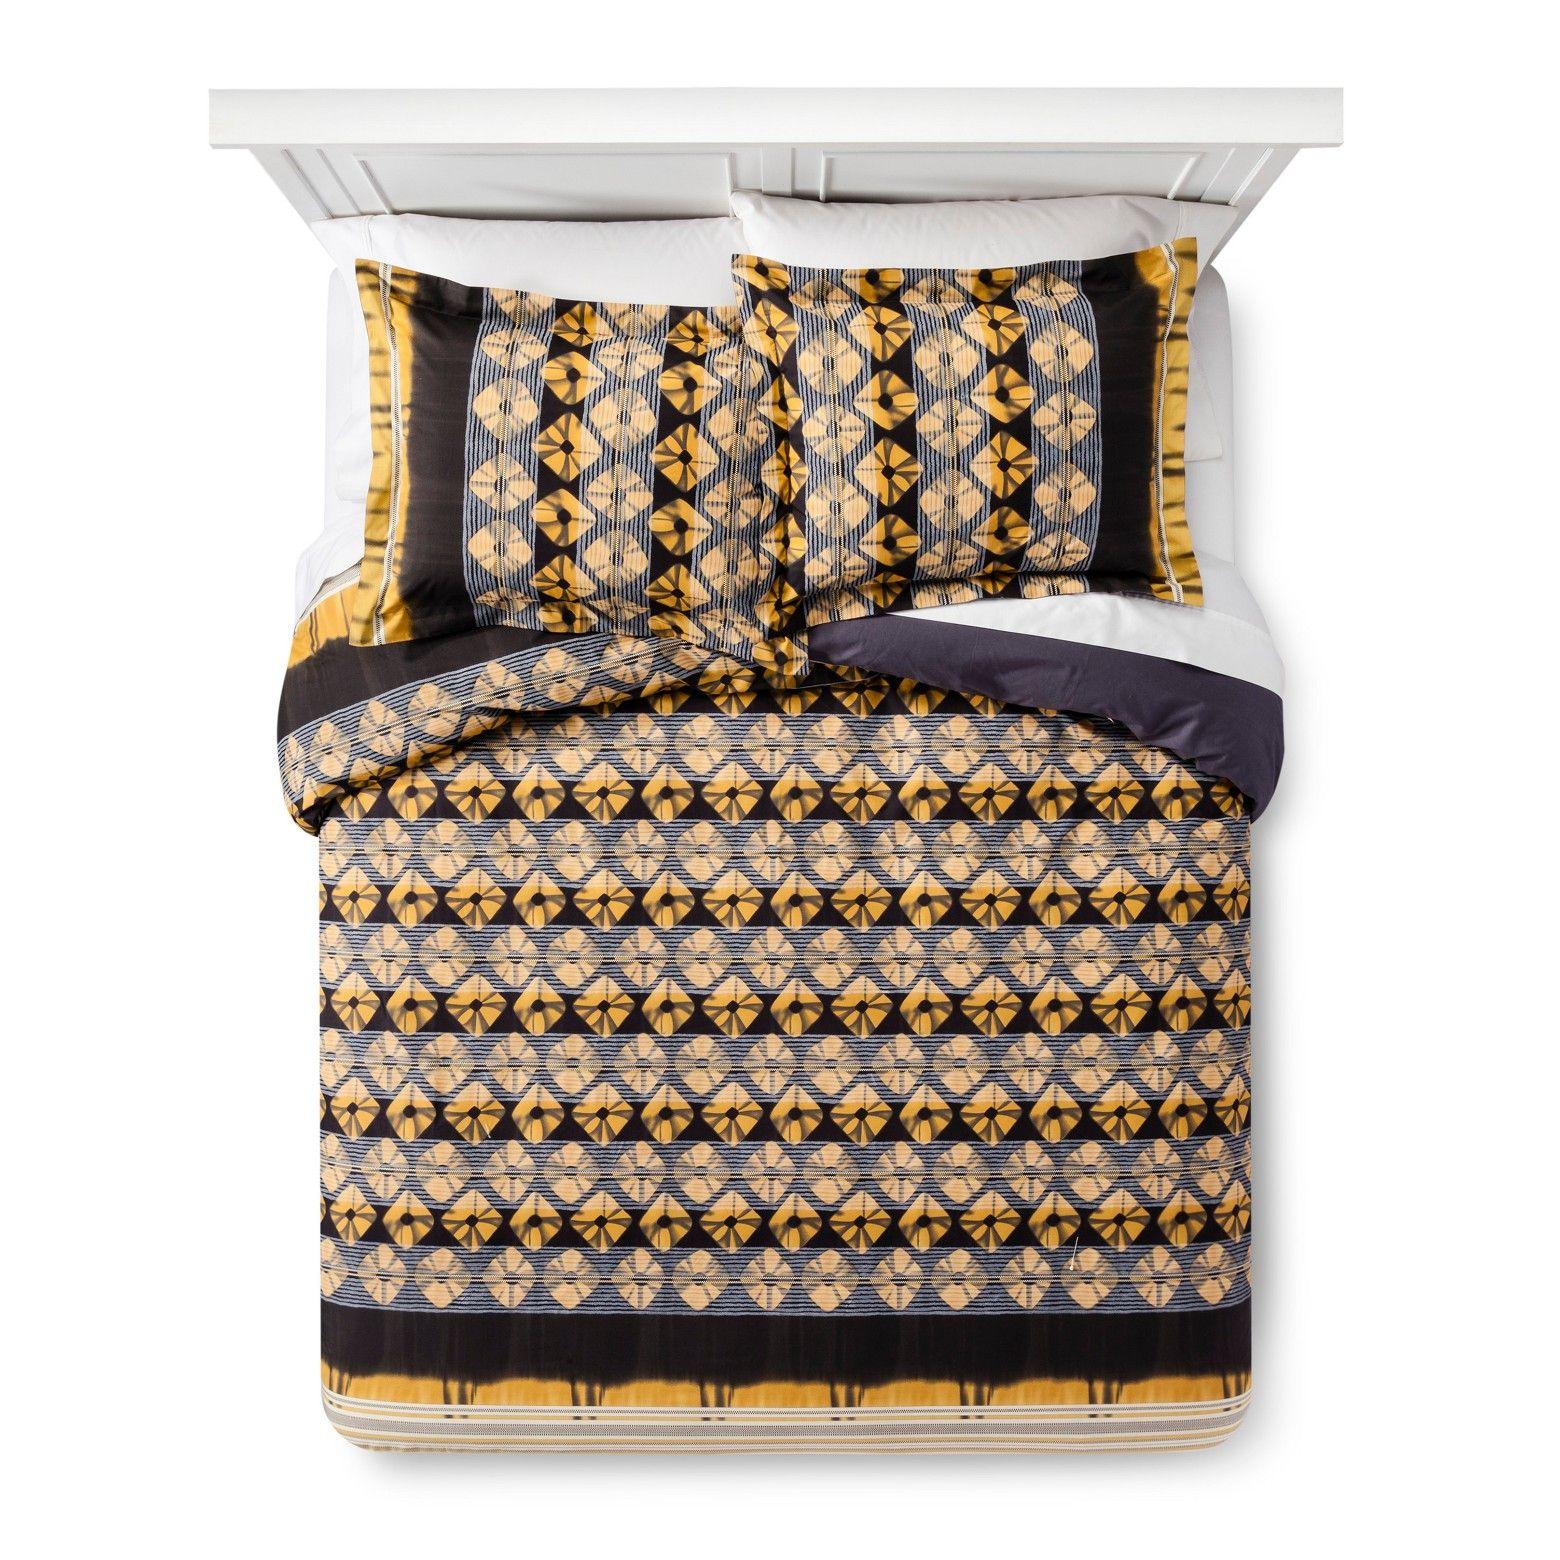 King Size Duvet Target. Duvet cover sets, Duvet covers